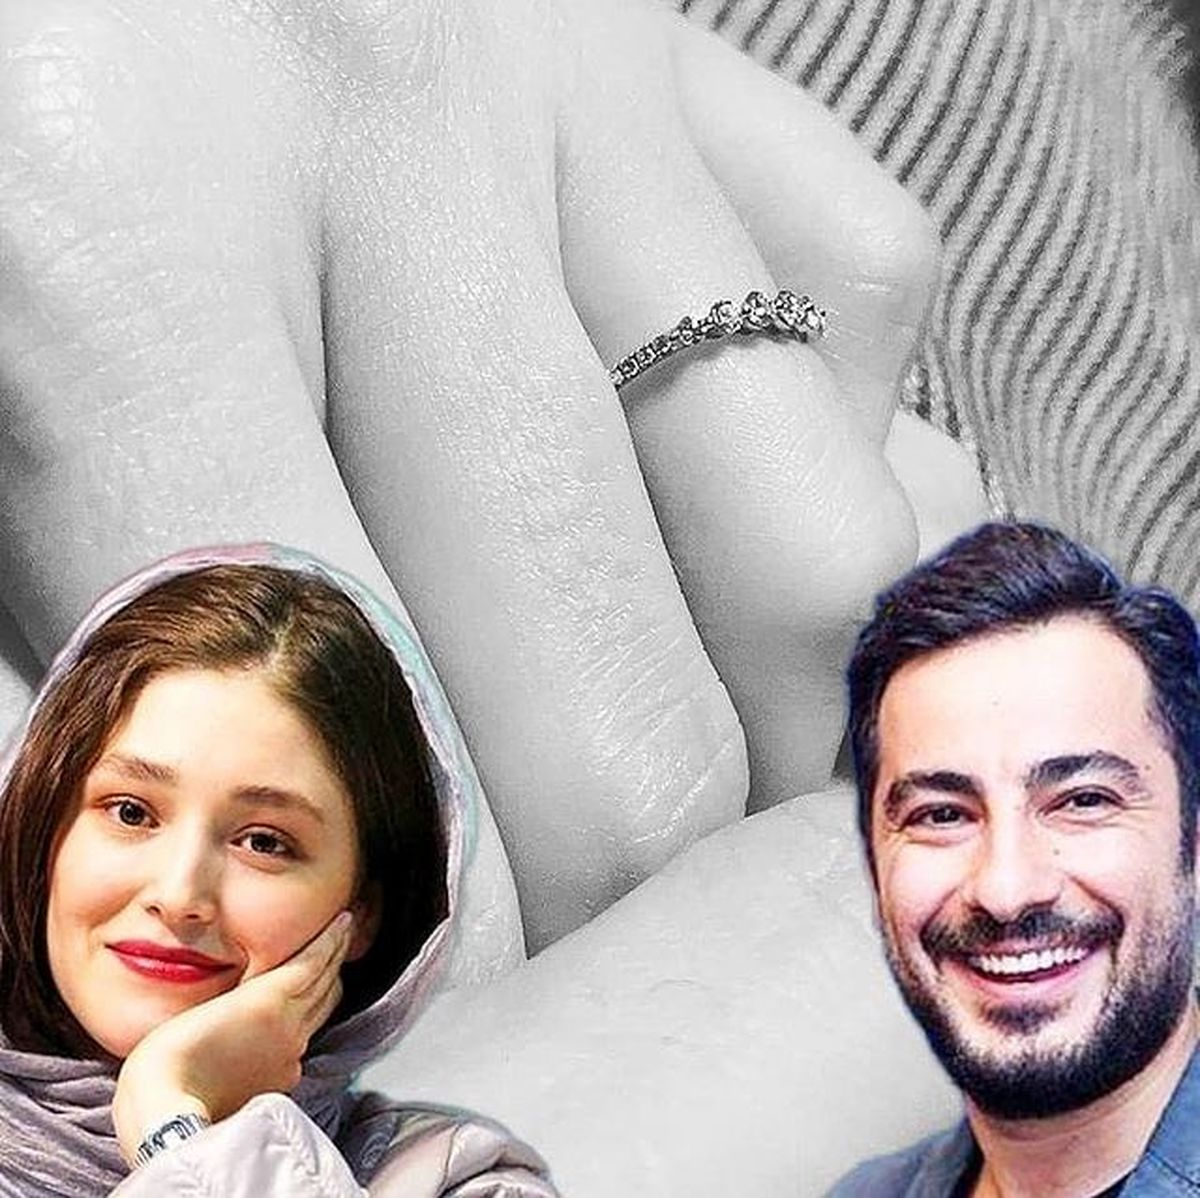 نوید محمدزاده با فرشته حسینی ازدواج کرد /  عکس حلقه گران قیمت این بازیگر خانوم